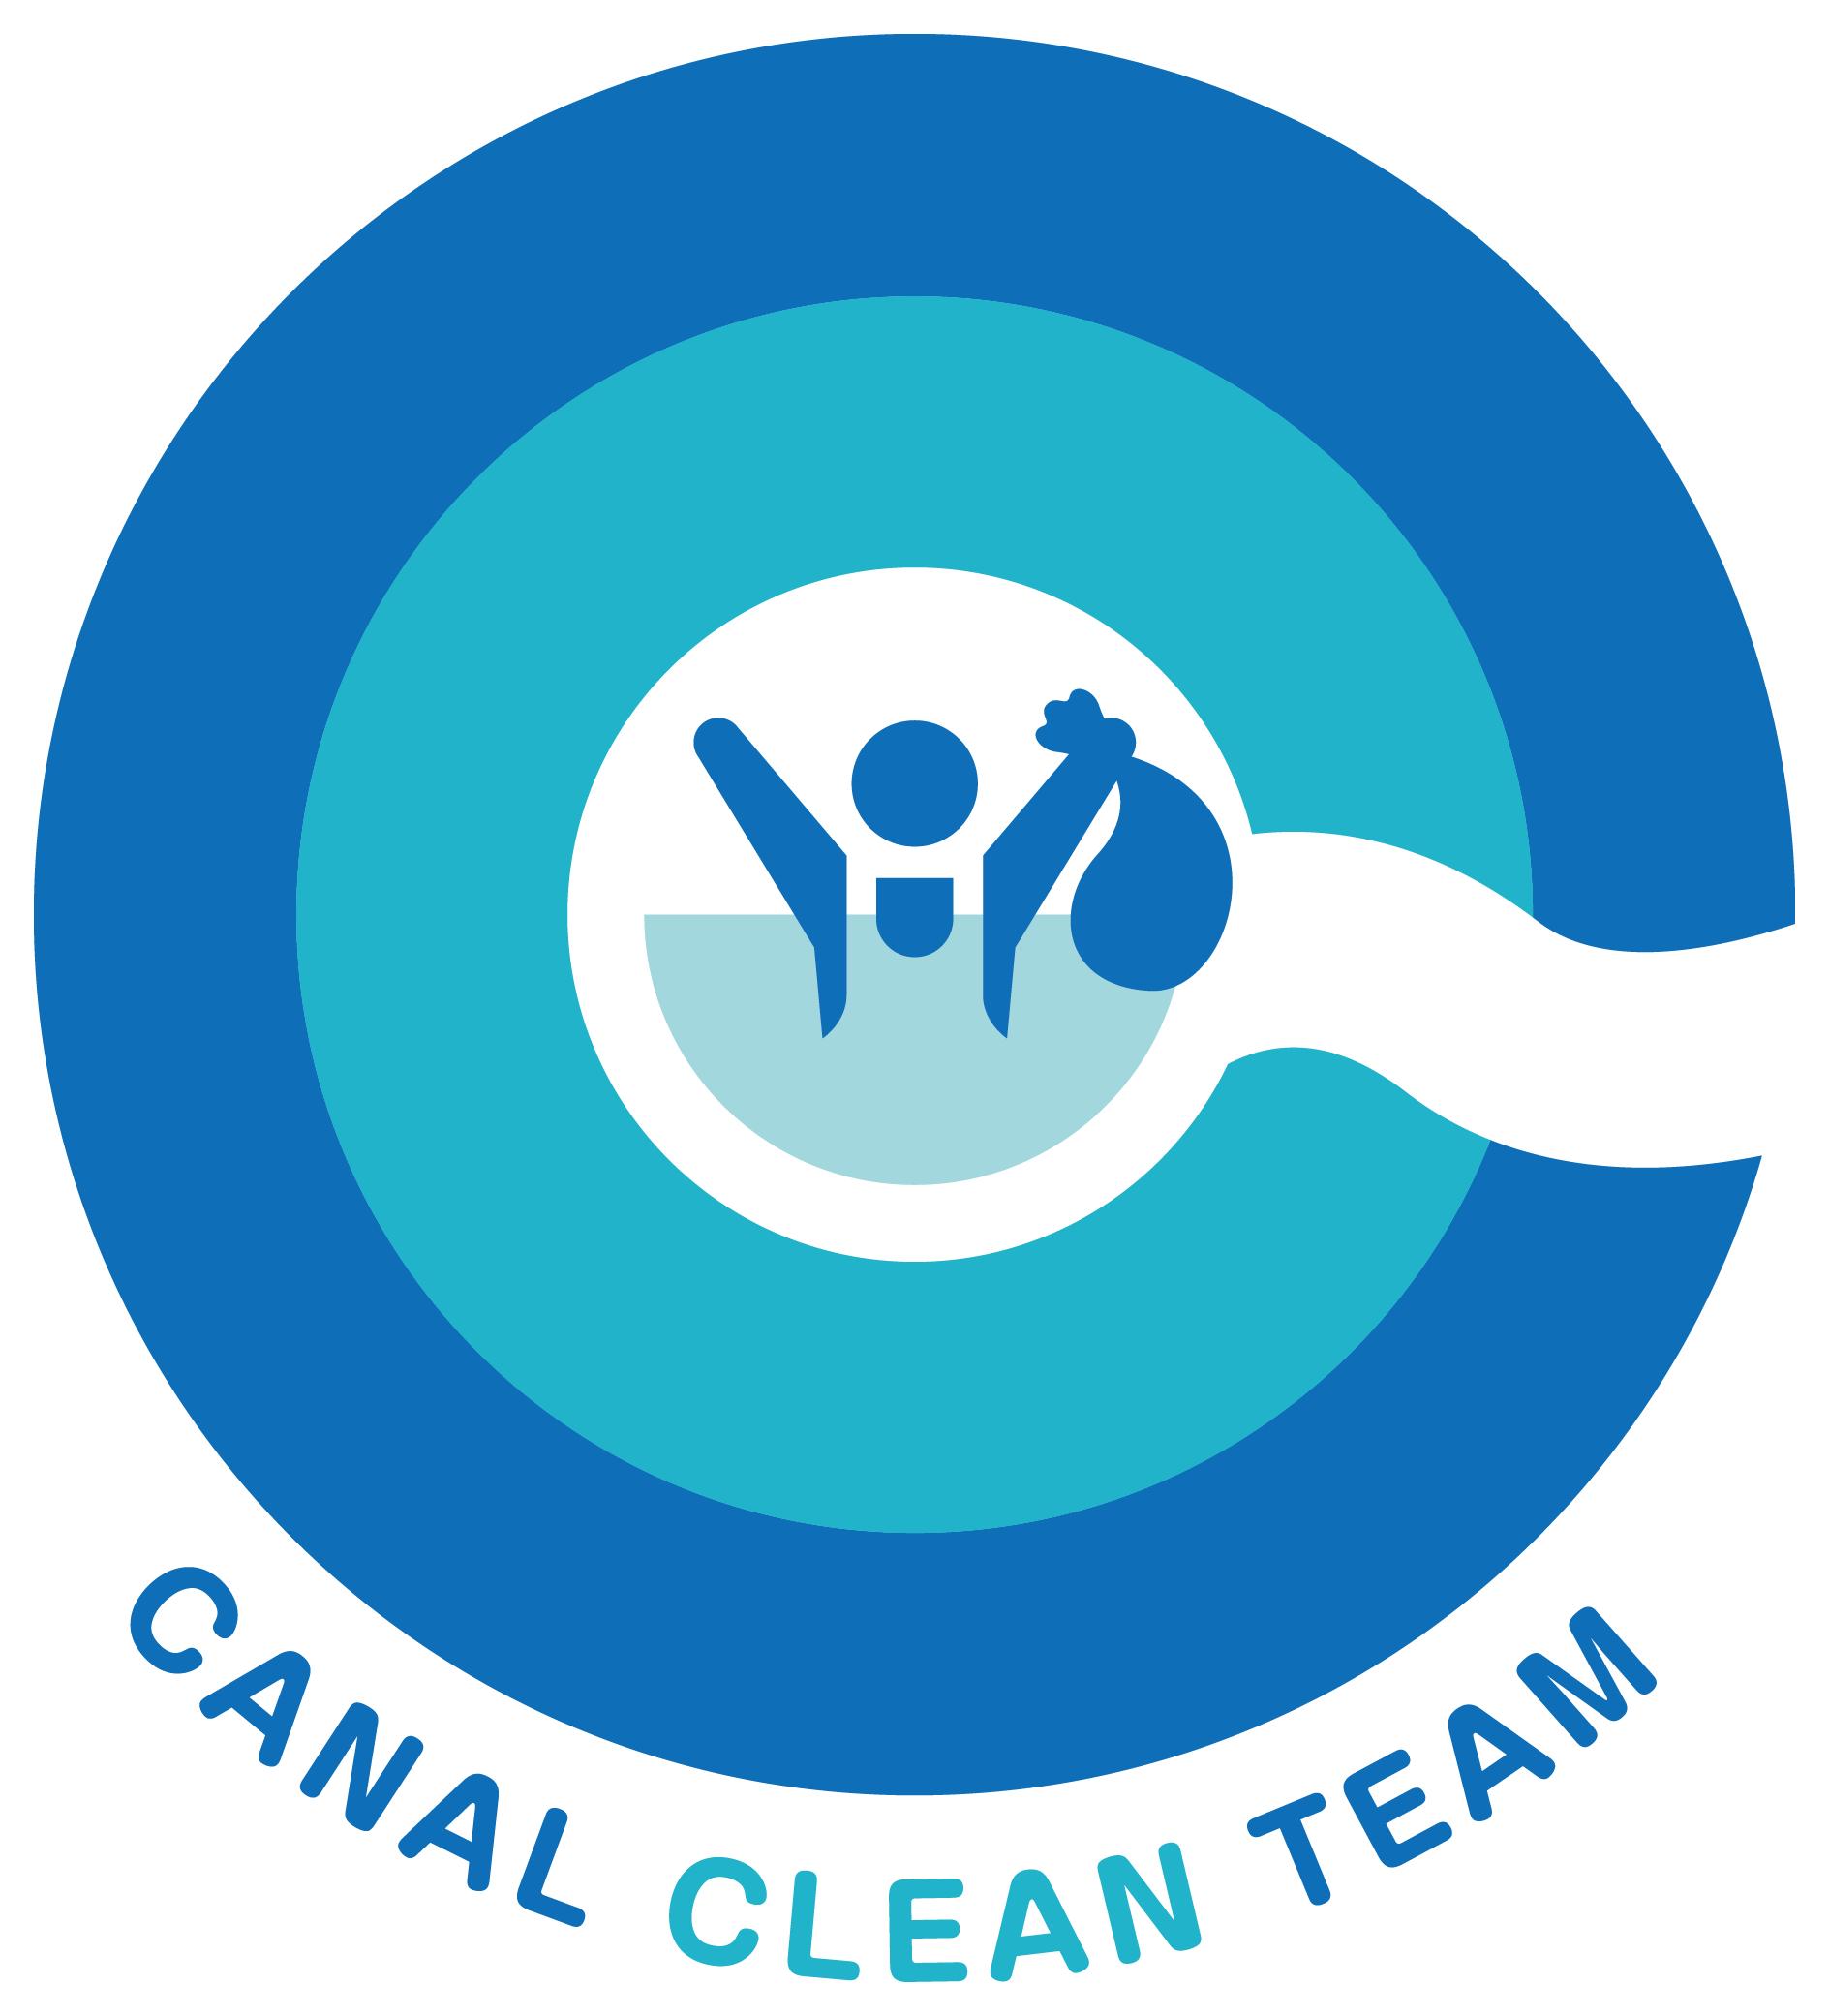 Canal Clean Team @Otaru